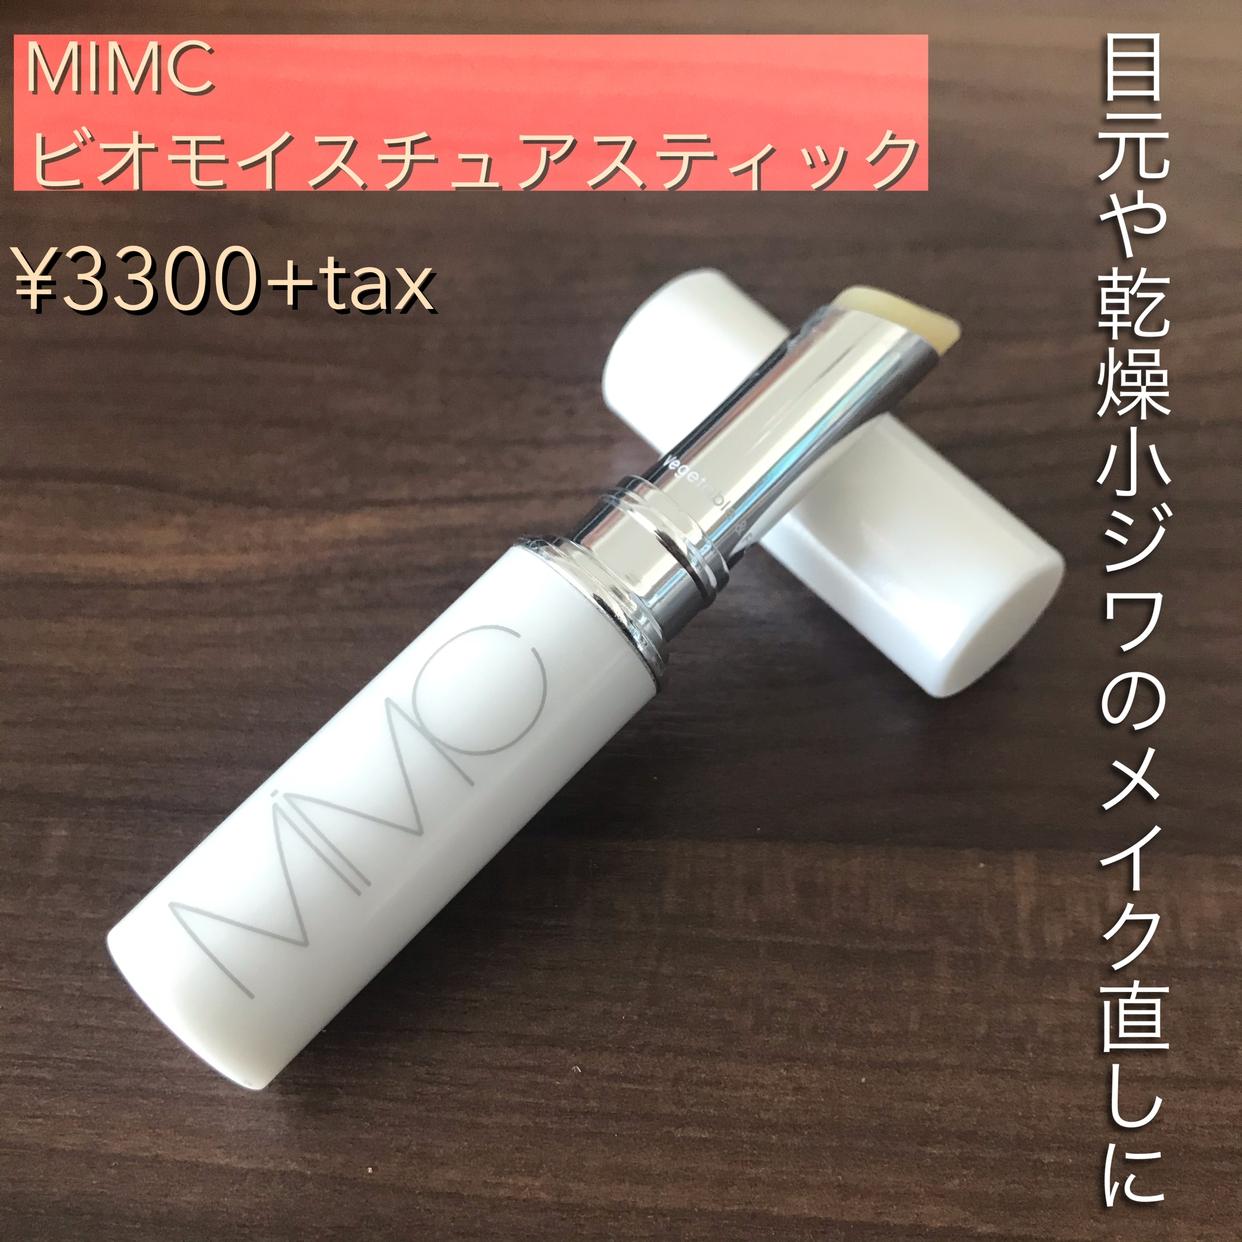 MiMC(エムアイエムシー) ビオモイスチュアスティックAC&UVを使ったyuuuri_cosmeさんのクチコミ画像